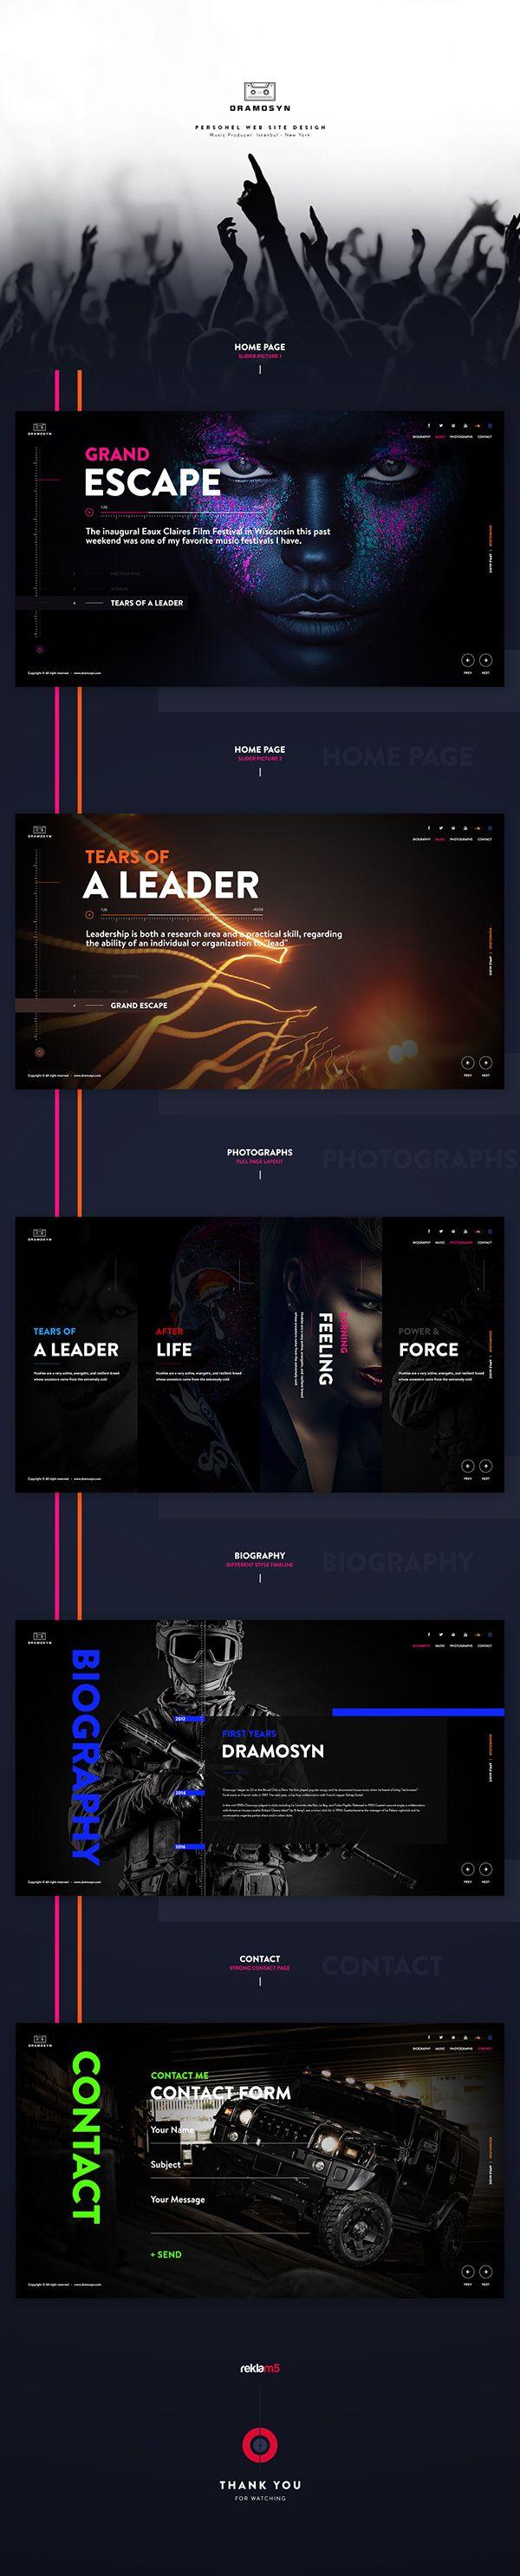 web design | DRAMDSYN